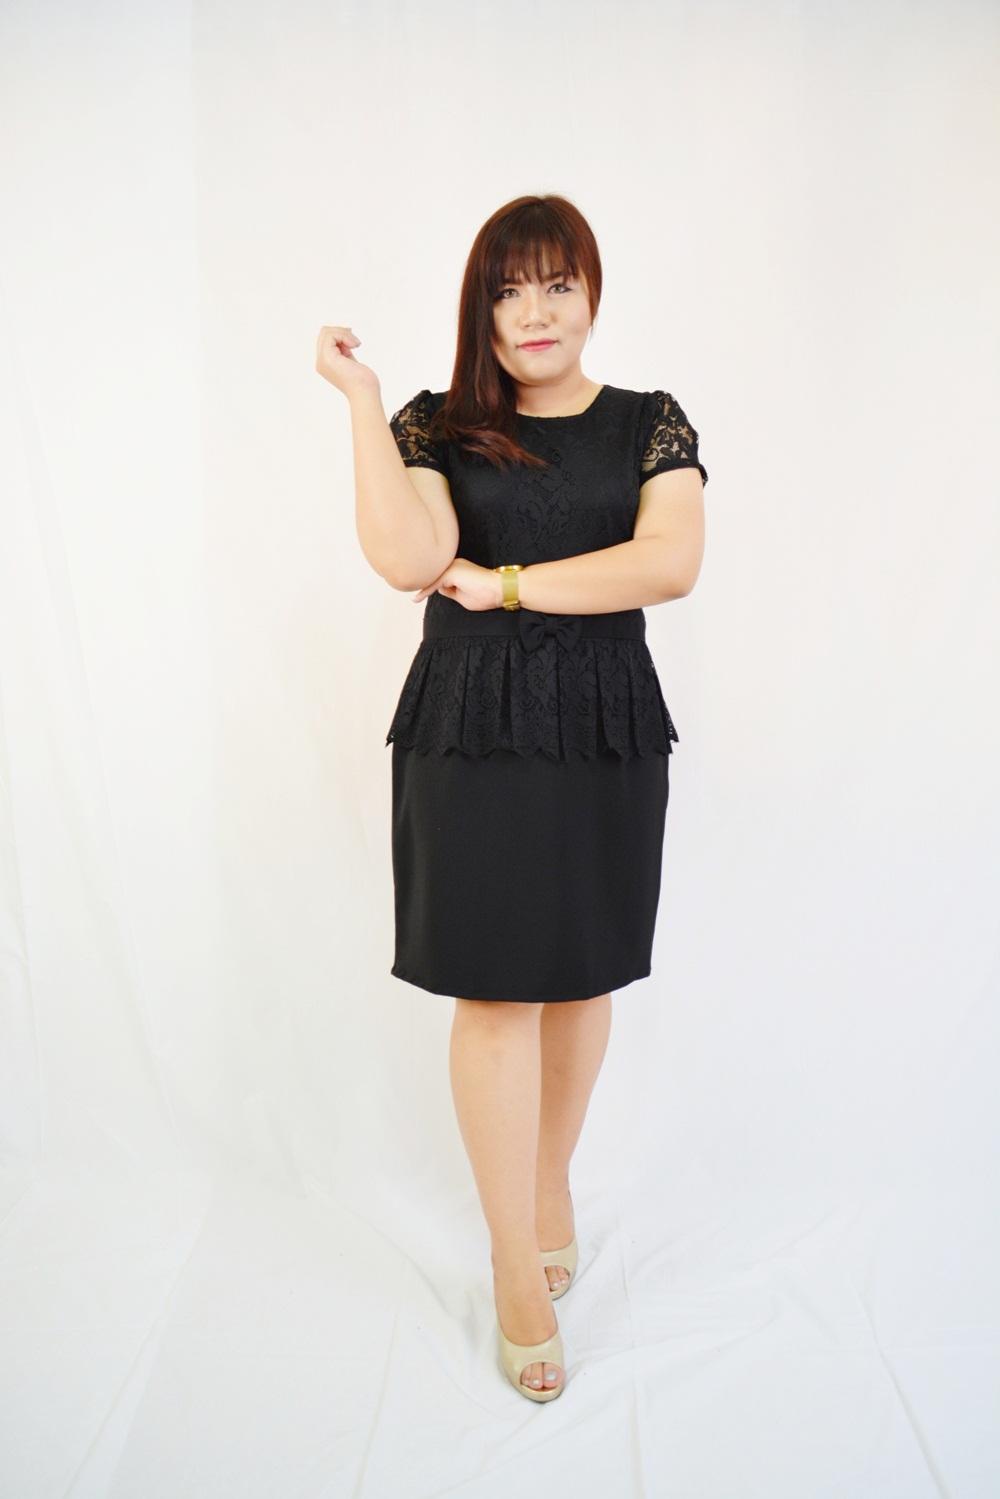 ชุดเดรสสีดำ เสื้อผ้าลูกไม้เอวแต่งโบว์ เอวระบายรอบตัว กระโปรงผ้า Hanako เนื้อดี XL824